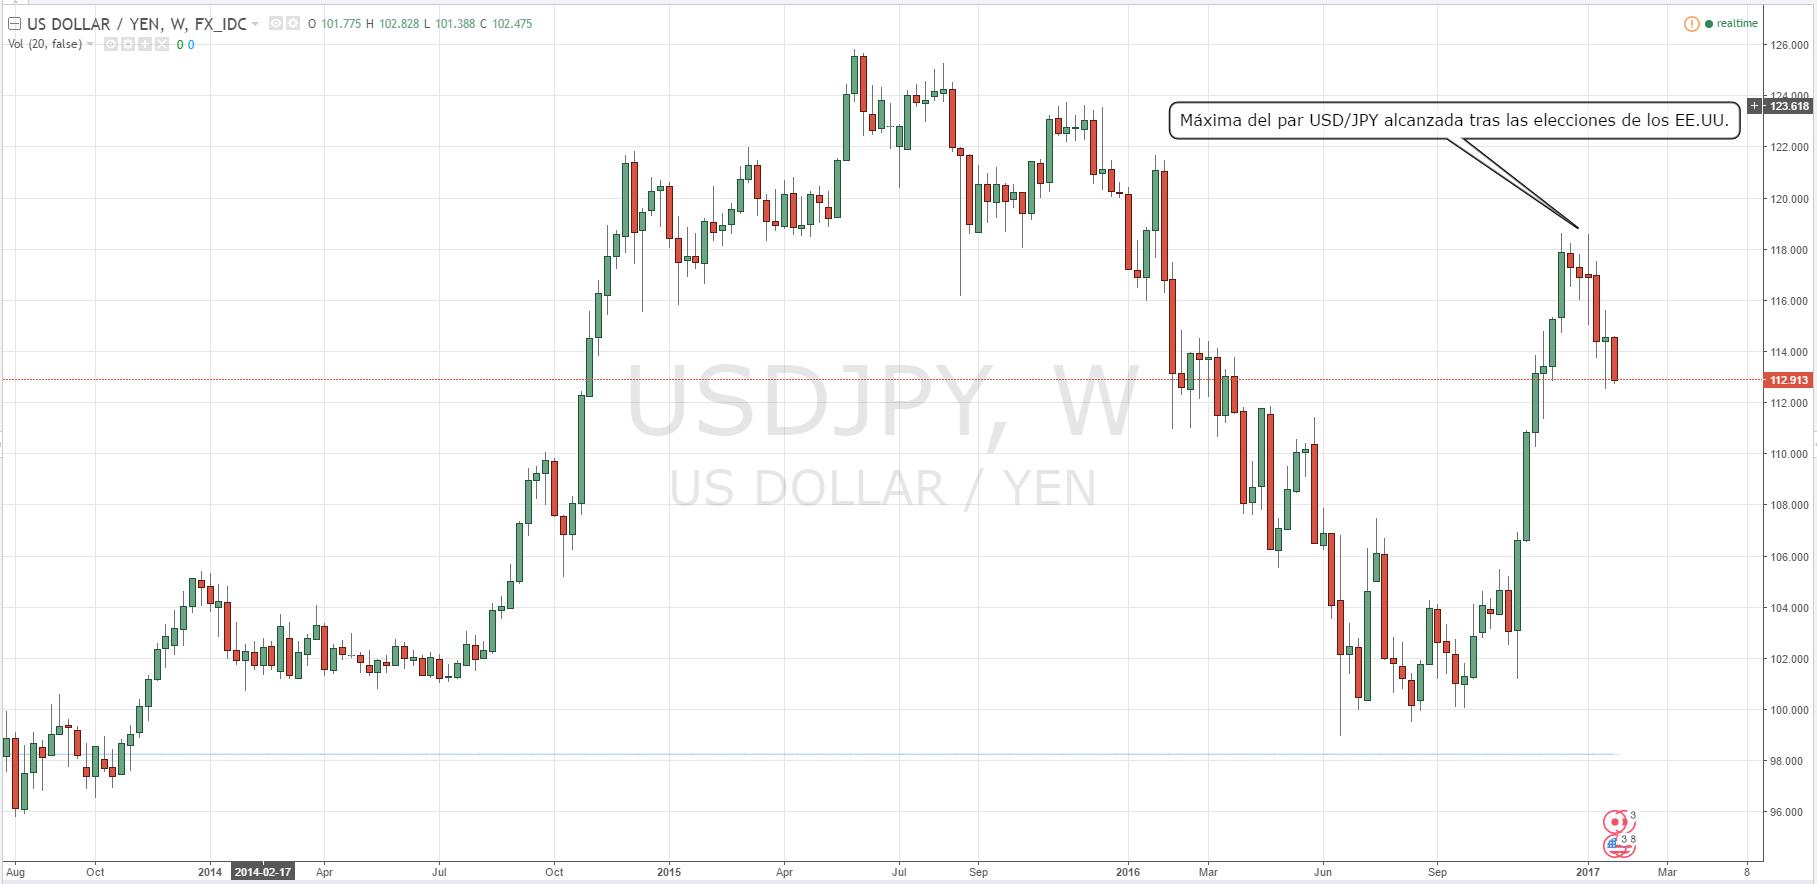 Tendencia alcista del USD/JPY podría recobrar impulso